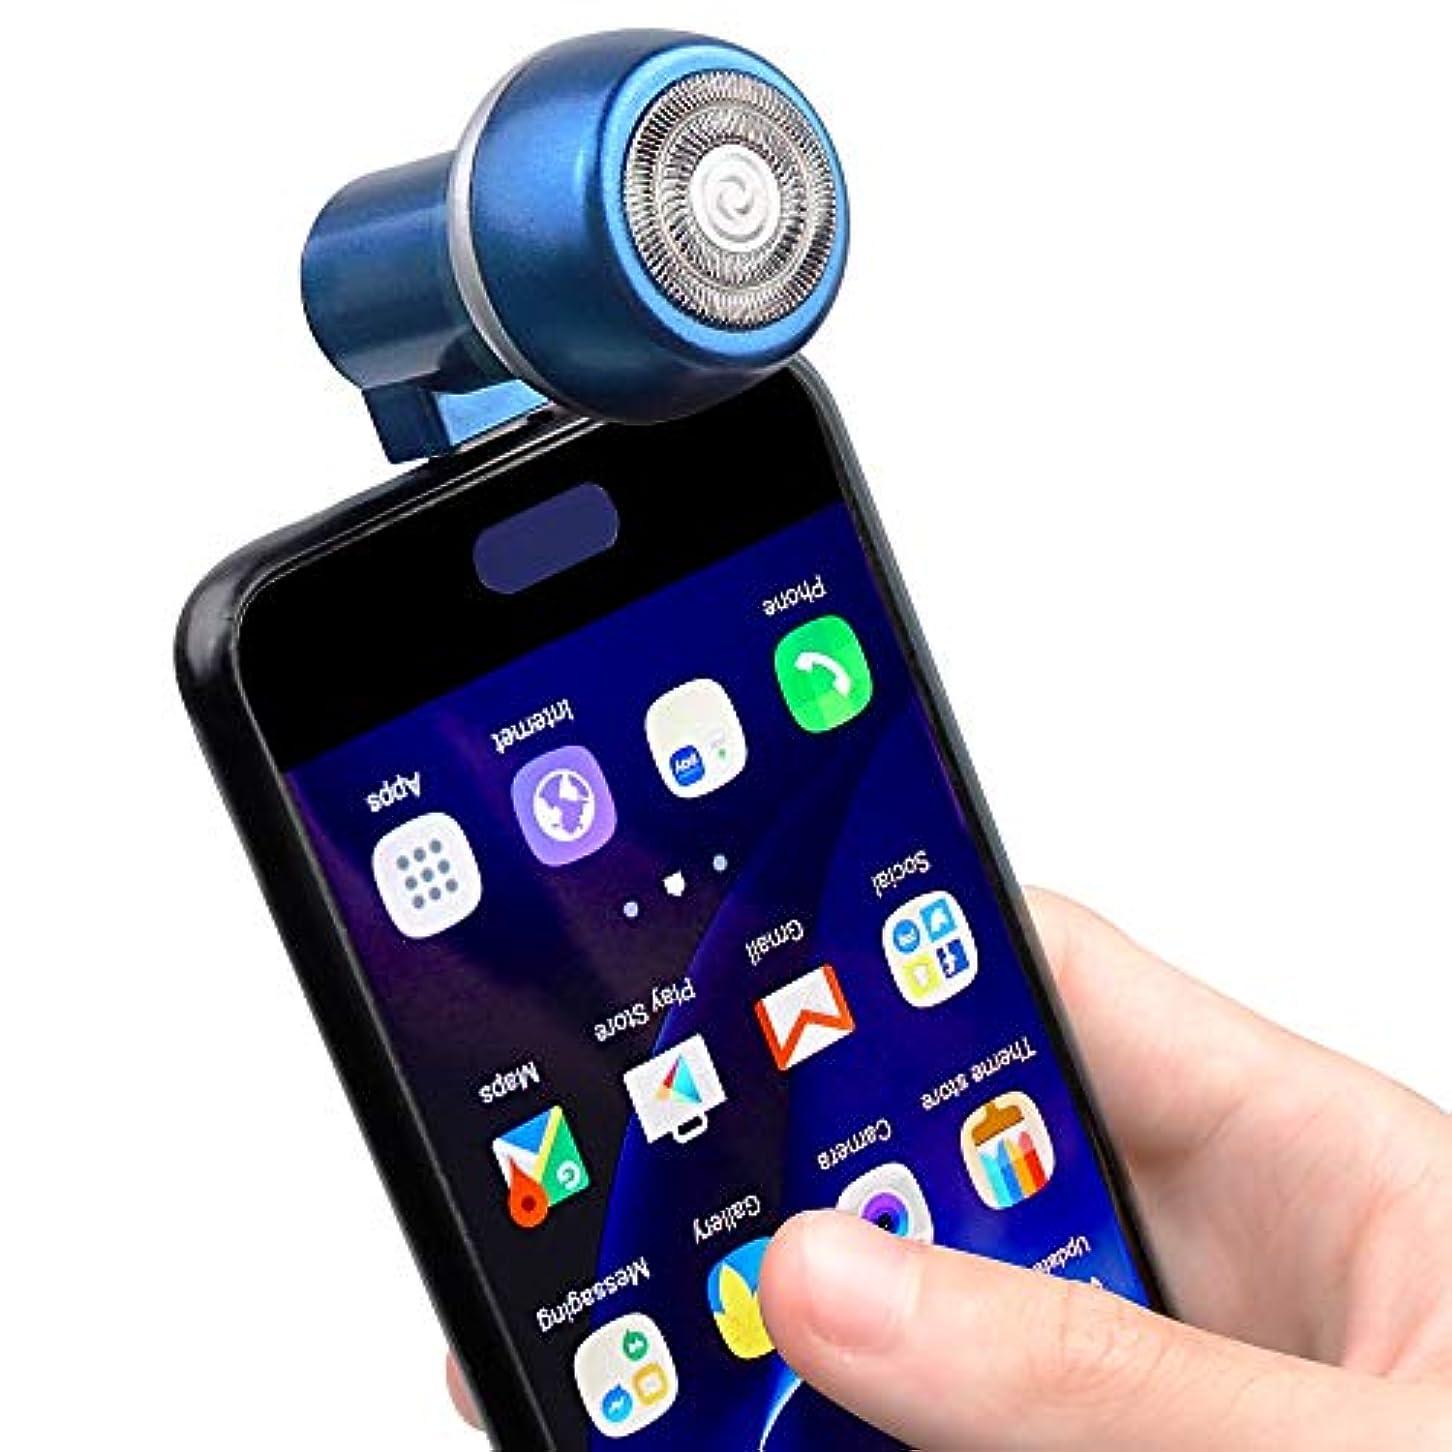 トリップ長方形掘るHINZER メンズシェーバー 髭剃り 電気シェーバー 回転式 ミニ 電動ひげそり 携帯電話/USB充電式 持ち運び便利 ビジネス 通勤用 海外対応 type-cポートブルー